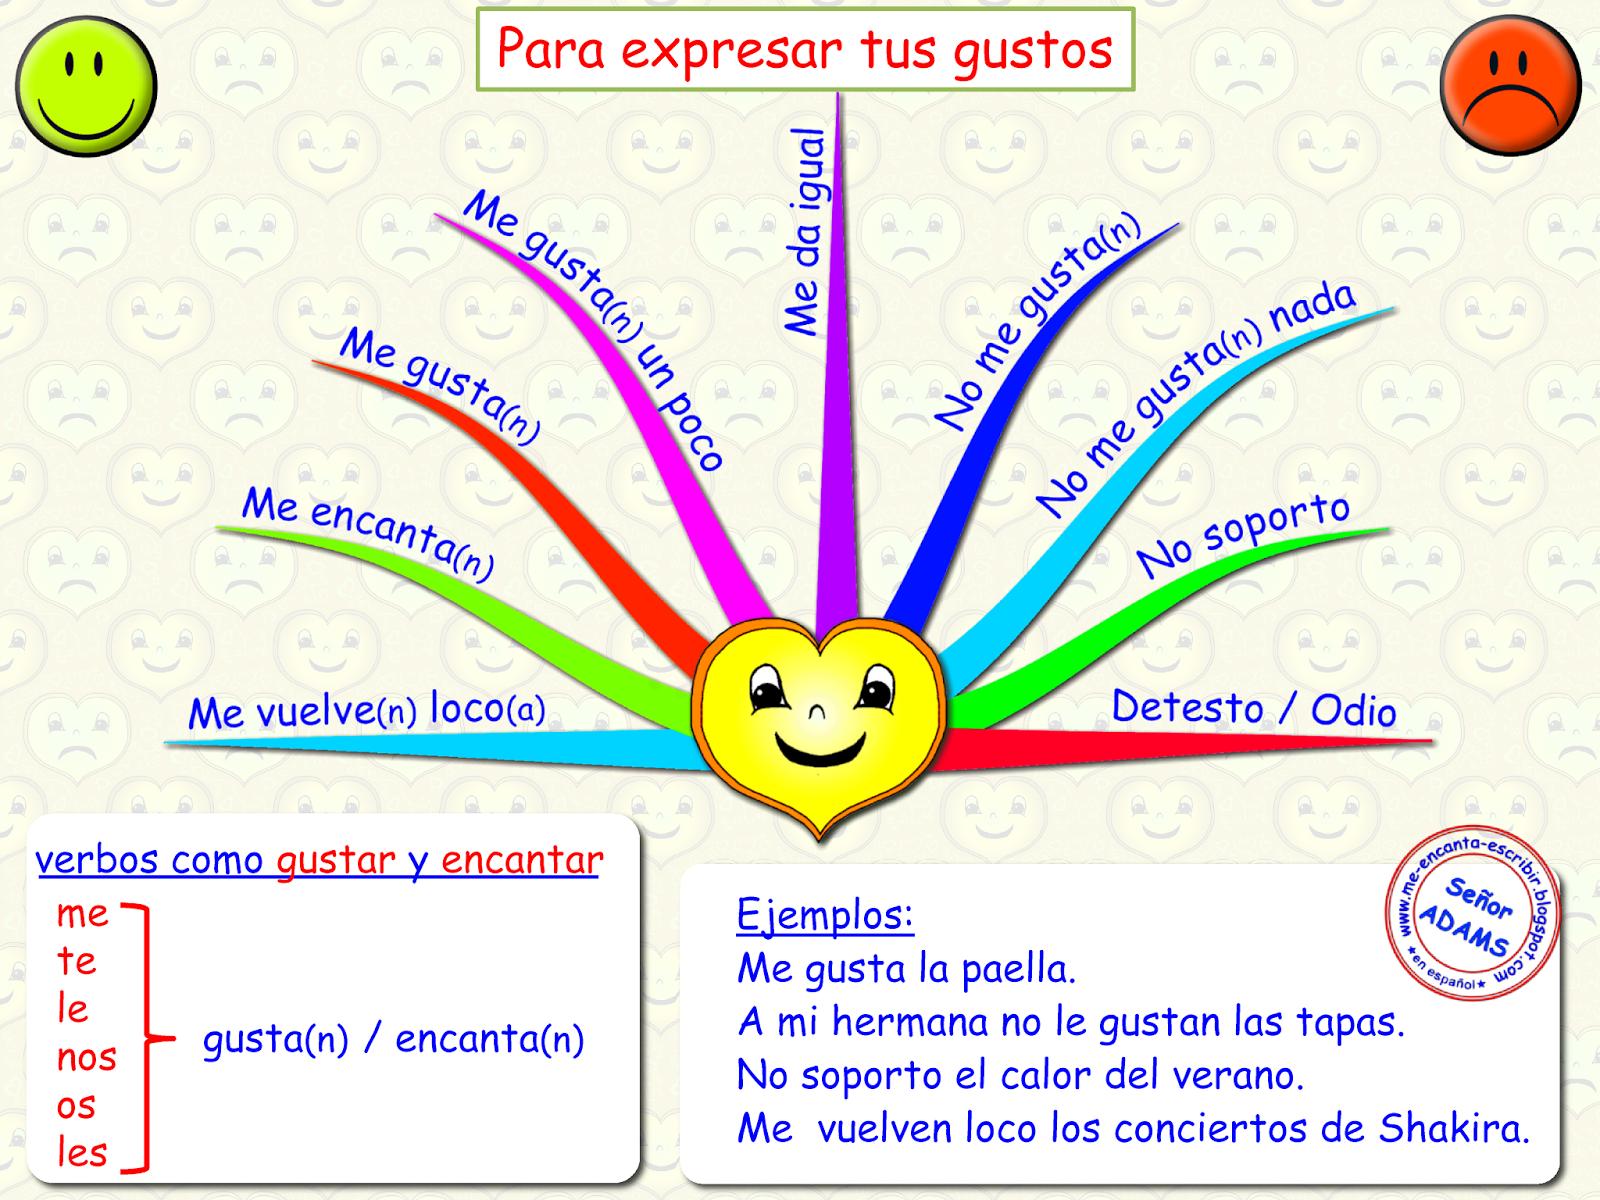 Me Encanta Escribir En Espanol Para Expresar Los Gustos Gustar Y Encantar